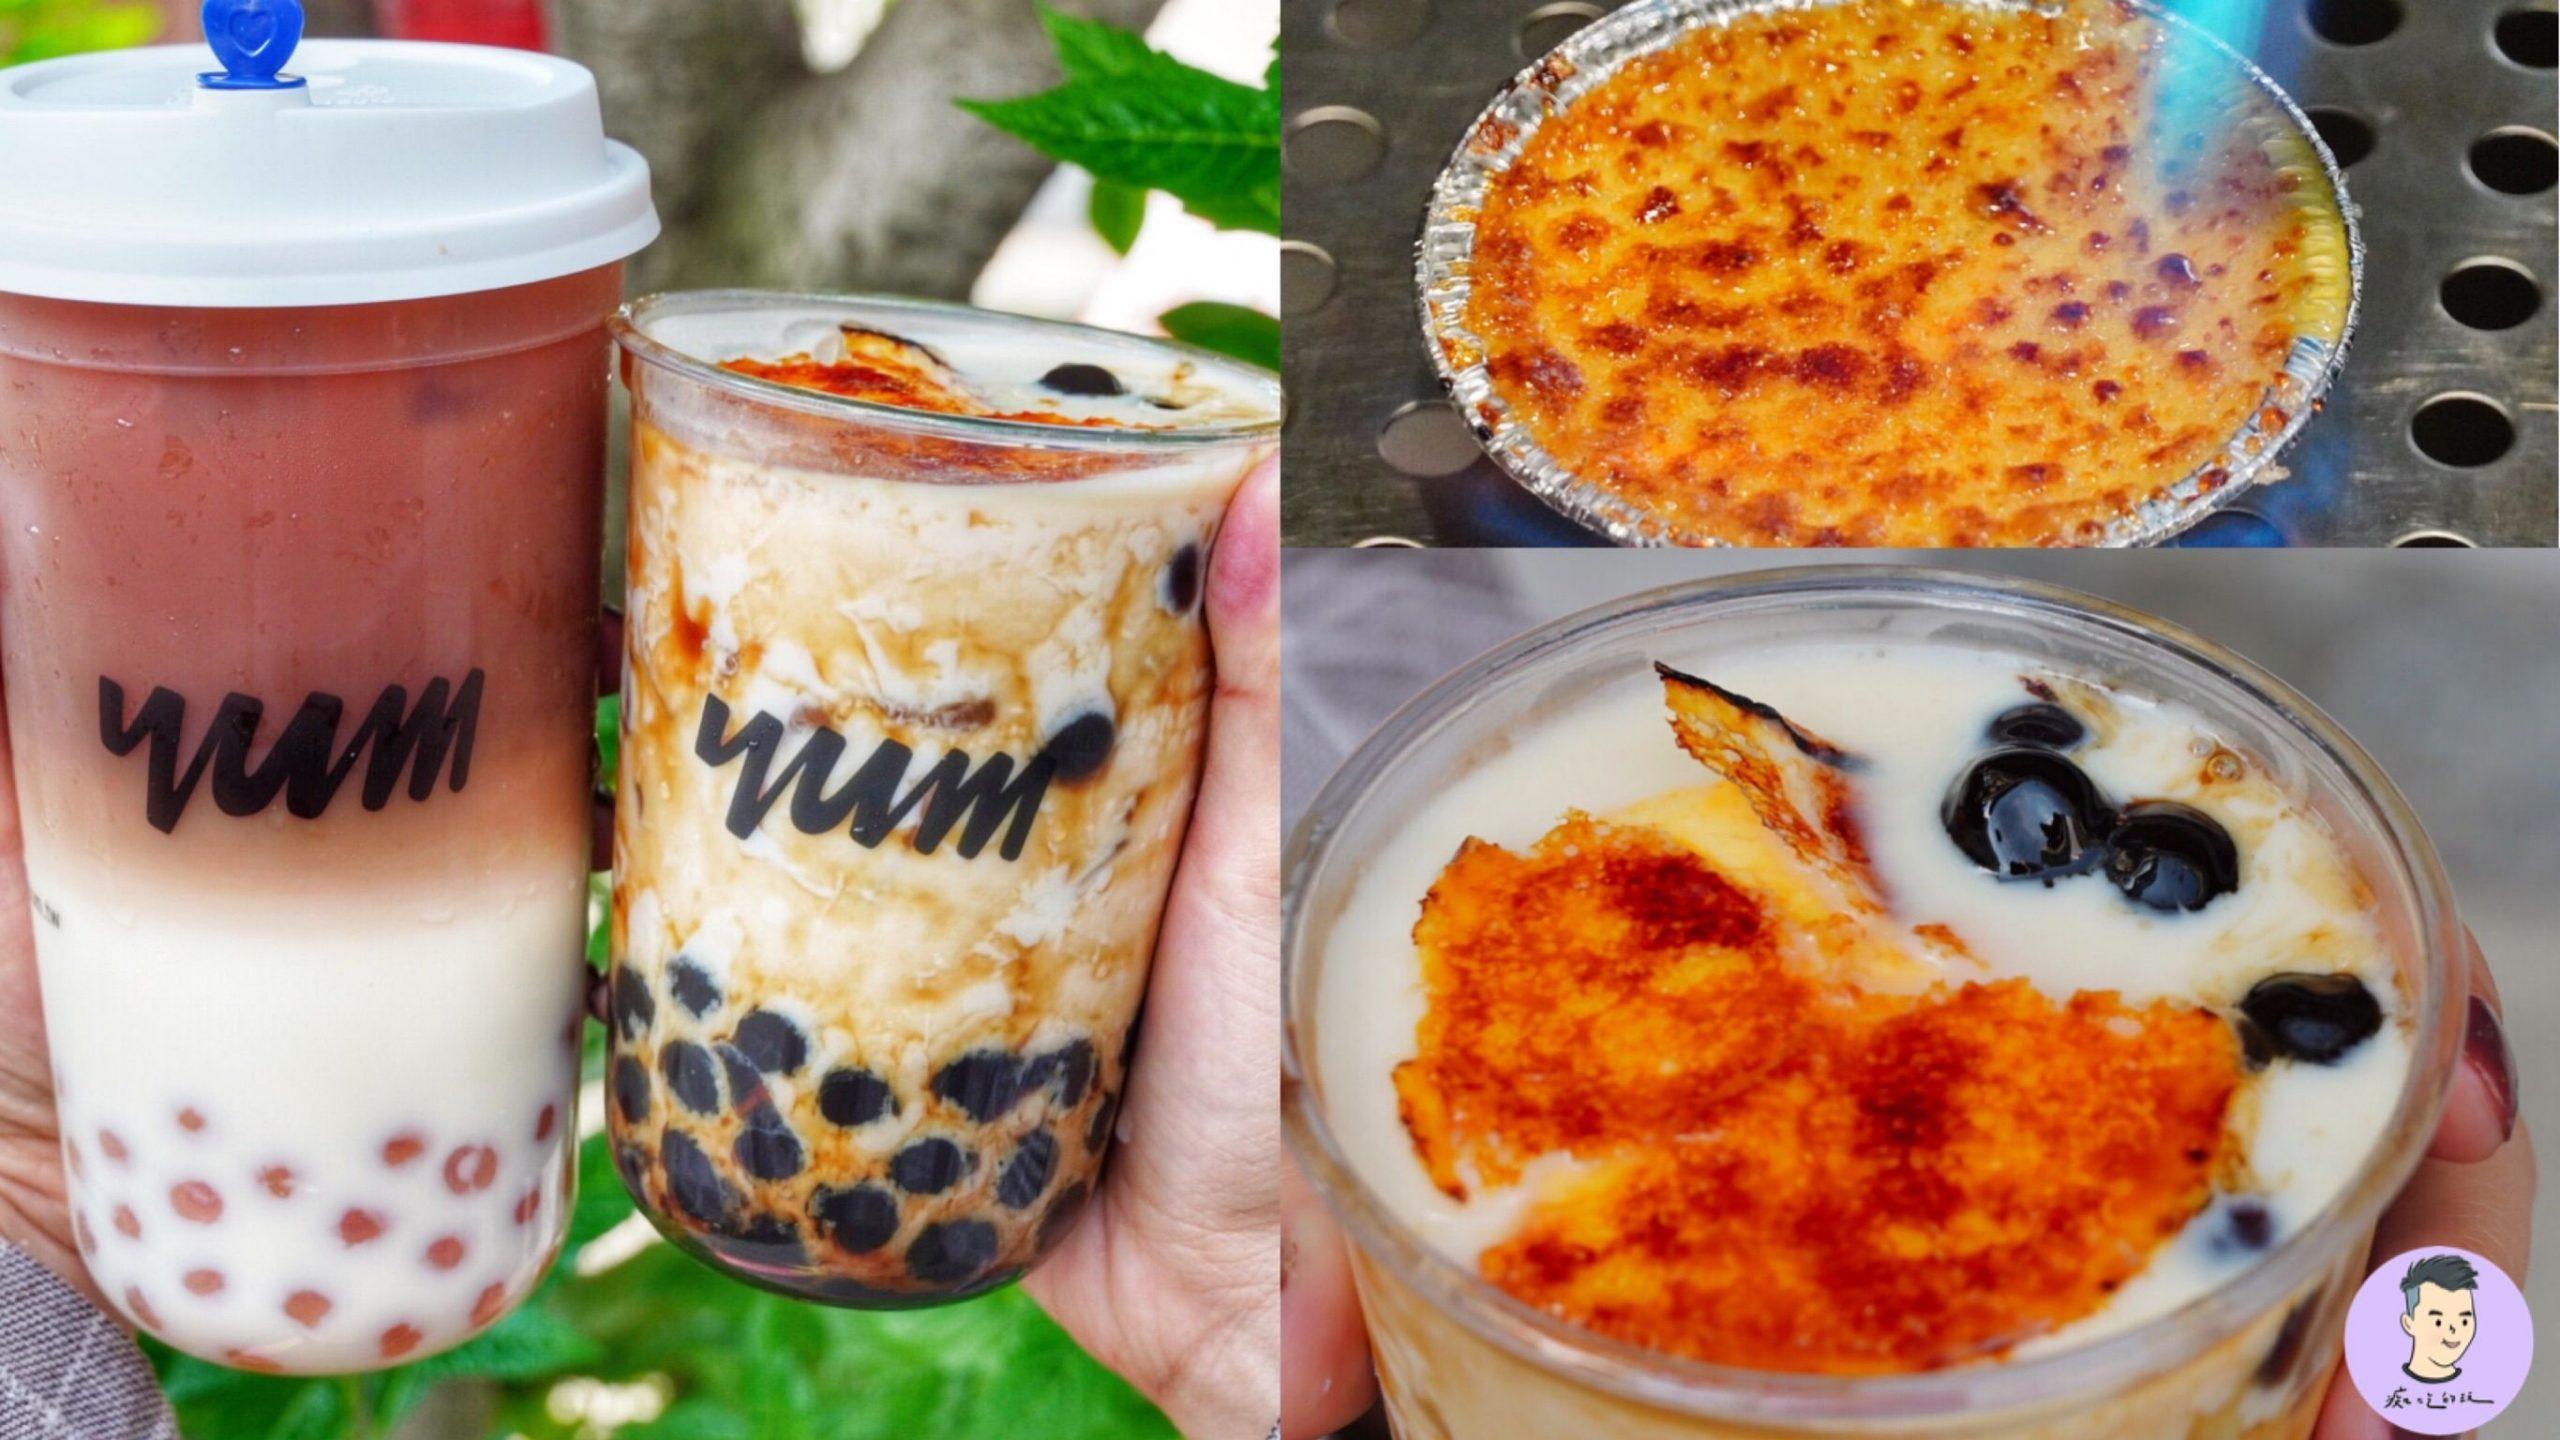 【台南美食】泱茶Yumtea 赤崁店 原來烤布蕾也能加入黑糖波霸鮮奶!?台南只有這家喝得到